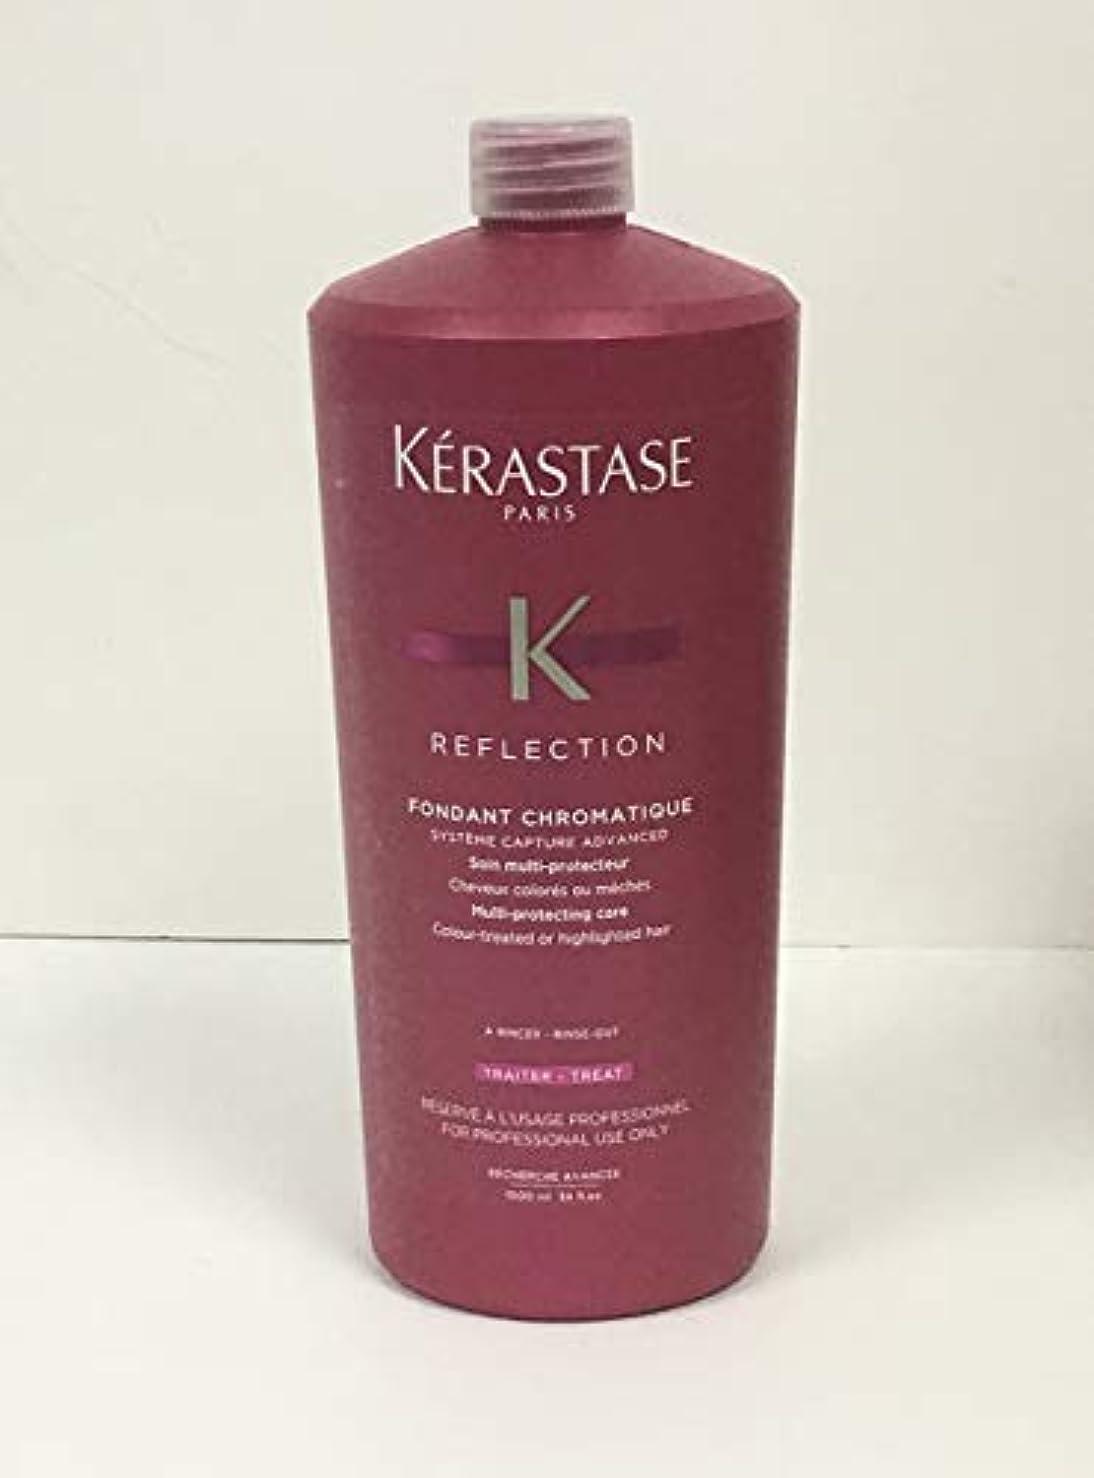 収入せっかち参照ケラスターゼ Reflection Fondant Chromatique Multi-Protecting Care (Colour-Treated or Highlighted Hair) 1000ml/34oz並行輸入品